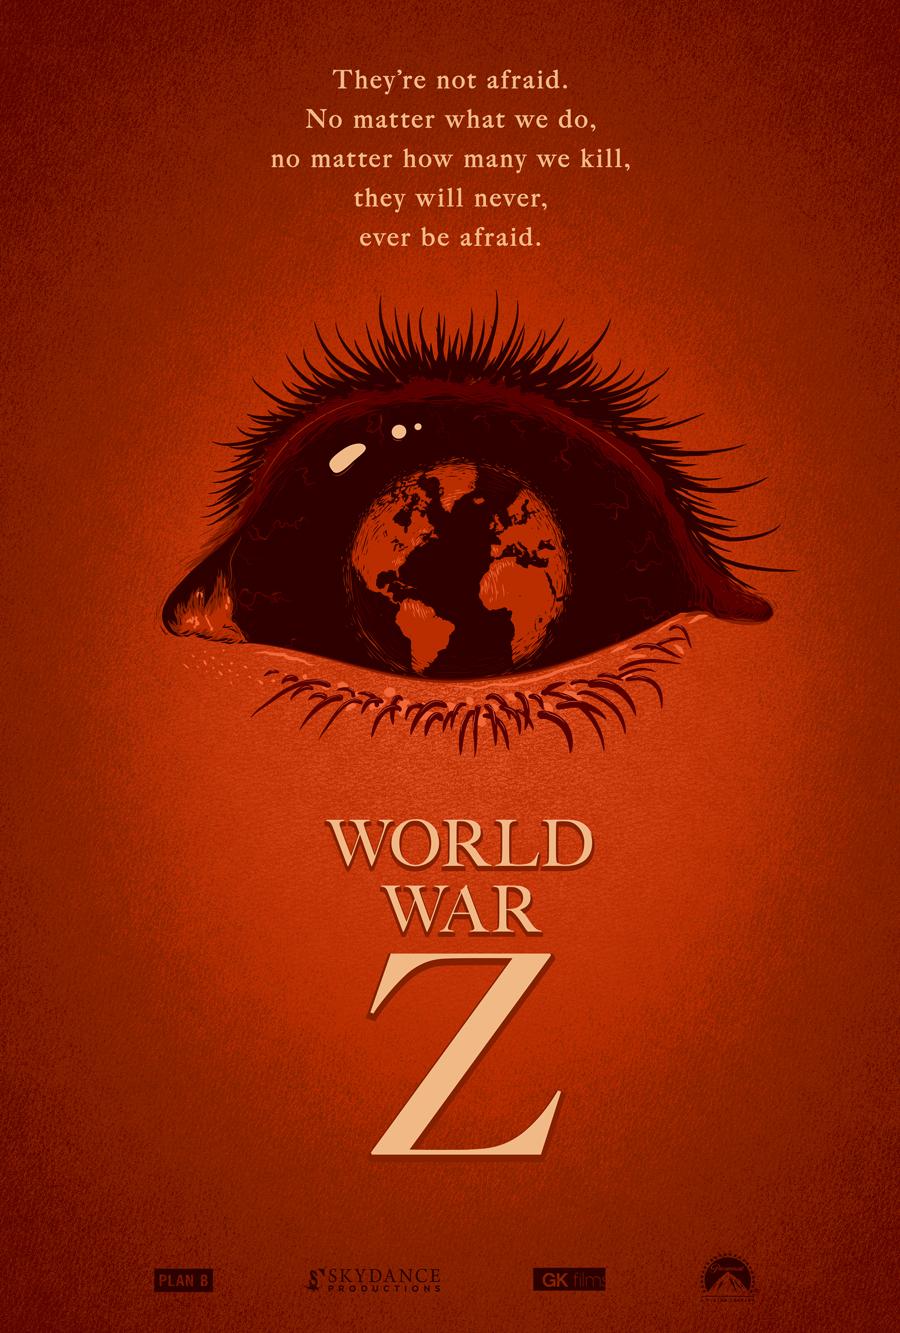 World War Z Poster by adamrabalais